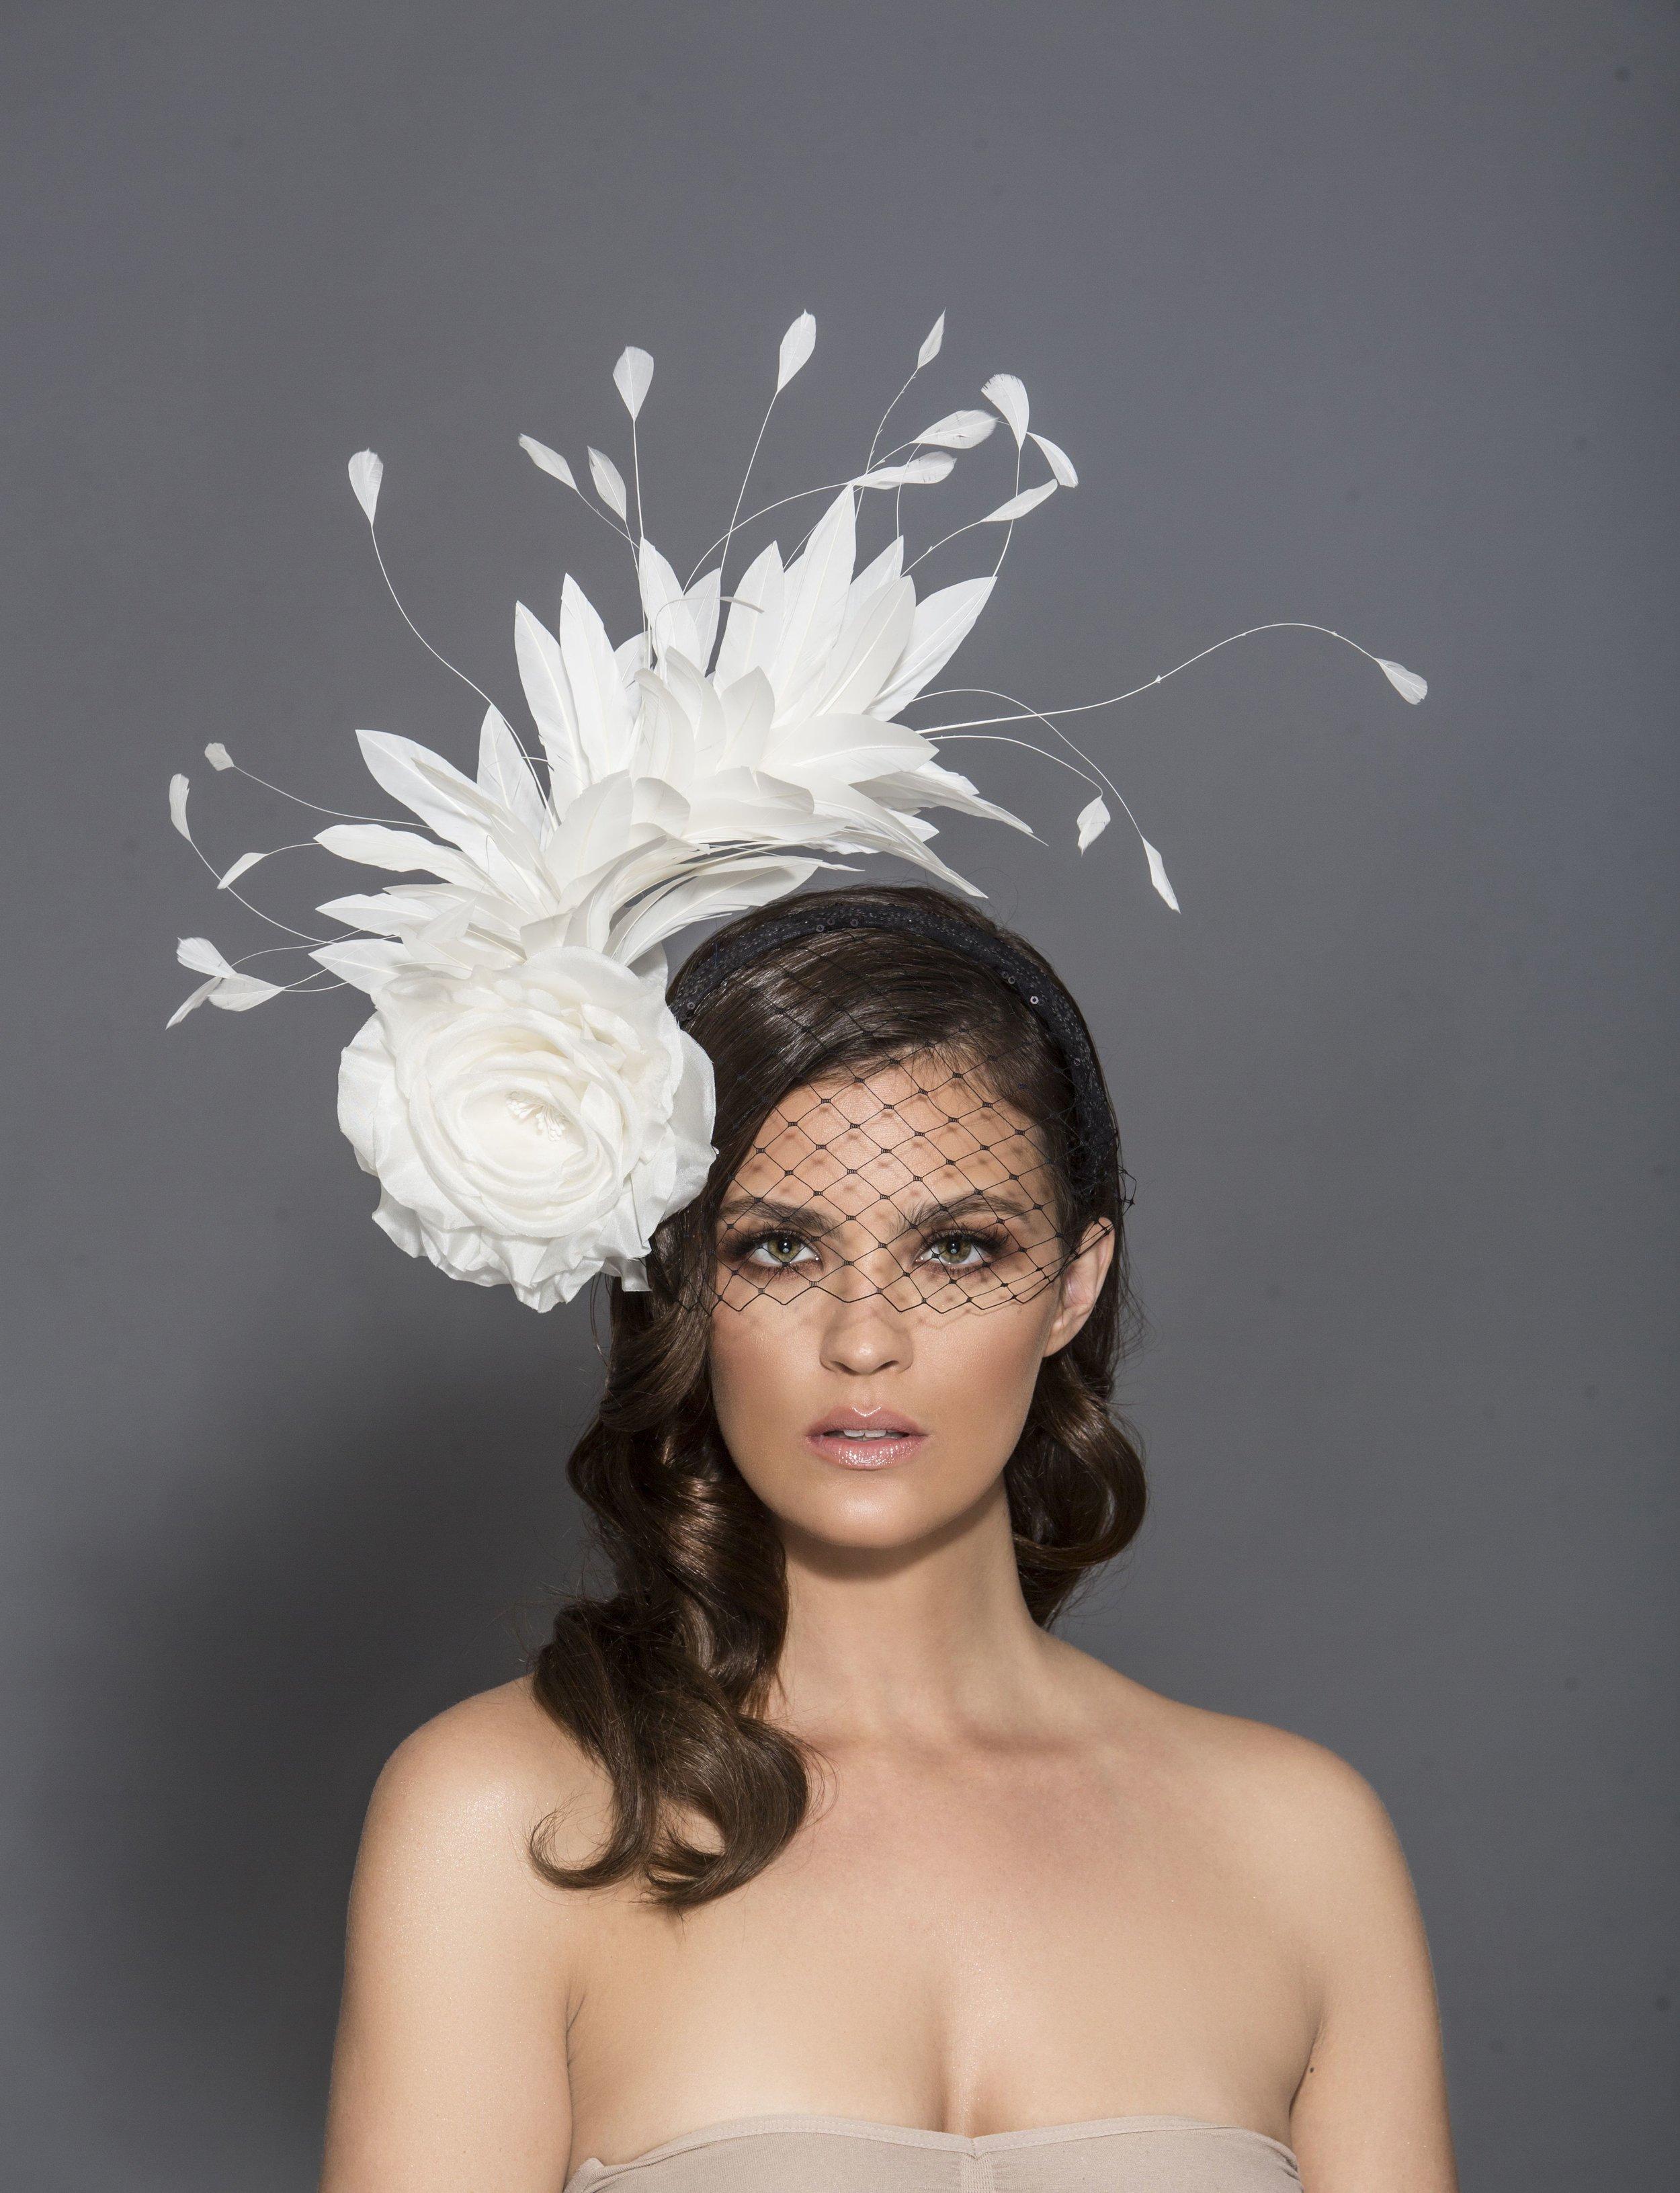 Hat designer: Arturo Rios  Photographer: Mark Sacro  Makeup: Dominique Lerma  Hair: Tuyen Tran